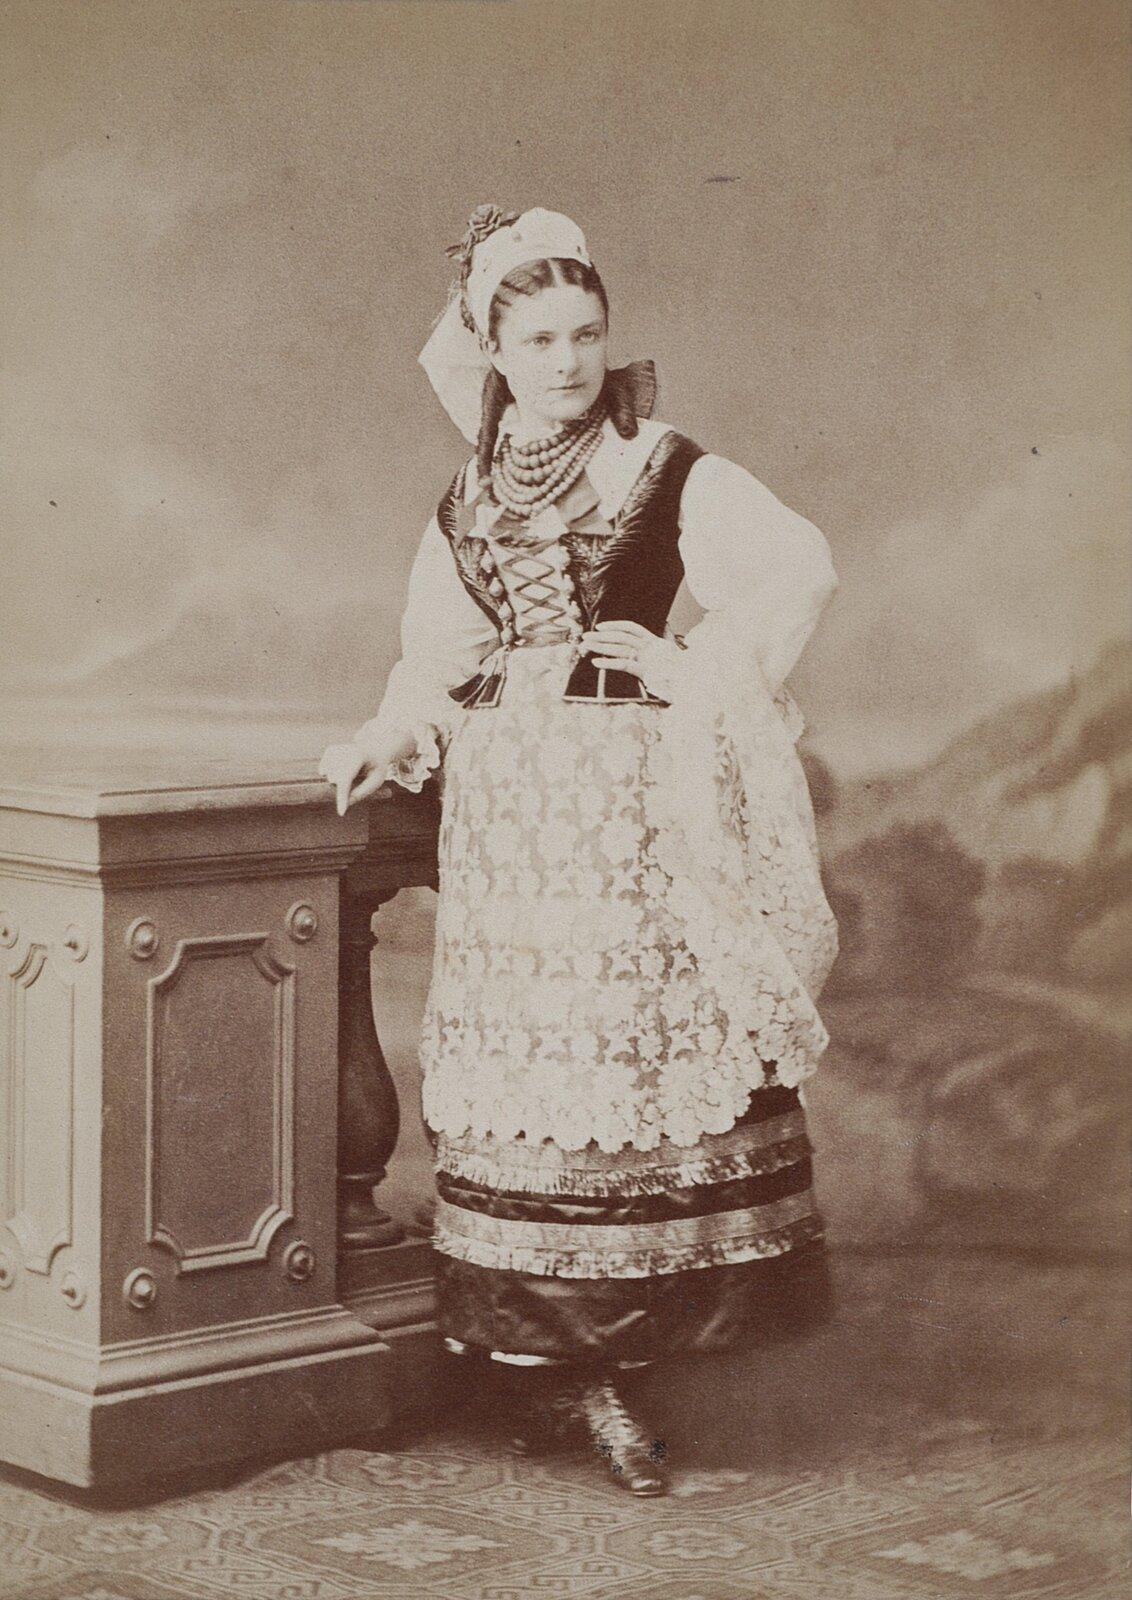 Maria Badeni wstroju ludowym, ok. 1875 Maria Badeni wstroju ludowym, ok. 1875 Źródło: domena publiczna.